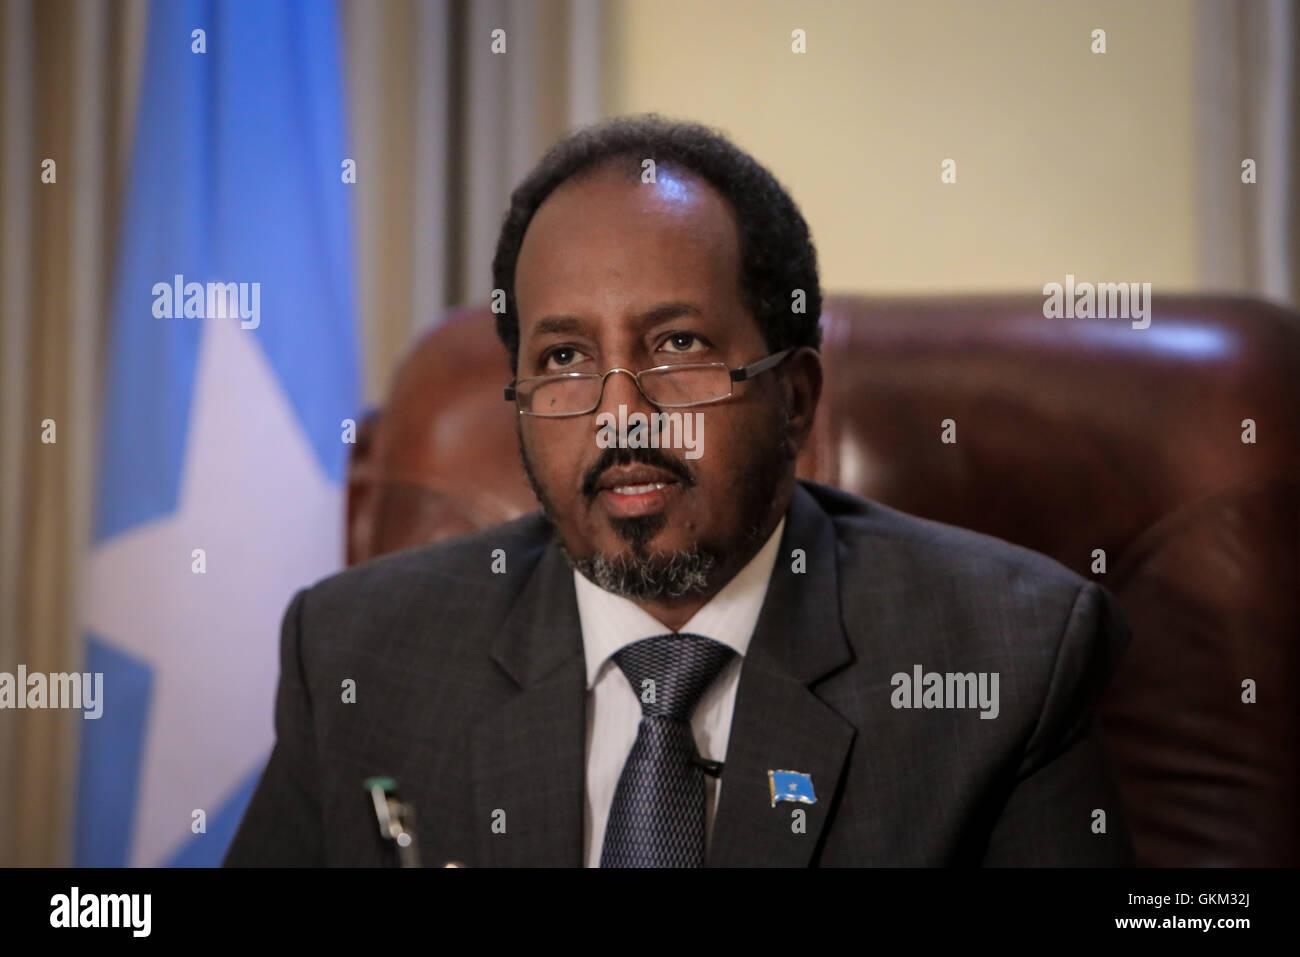 SOMALIA, Mogadischu: im Foto aufgenommen und veröffentlicht von der hybride Nationen Informationen Support Team 19 April 2013, somalische Präsident Hassan Sheikh Mohamud ist in seinem Präsidentenamt in Villa Somalia, der Komplex beherbergt die somalische Regierung in der Hauptstadt Mogadischu zu sehen. In diesem Jahr Time Magazine Liste der 100 einflussreichsten Personen aufgeführt, ist Mohamud Präsident der erste demokratisch gewählte Regierung Somalias nach zwei Jahrzehnten des Bürgerkriegs Unruhen und Konflikte im Horn von Afrika Nation. AU-UN IST FOTO / STUART PRICE. Stockfoto